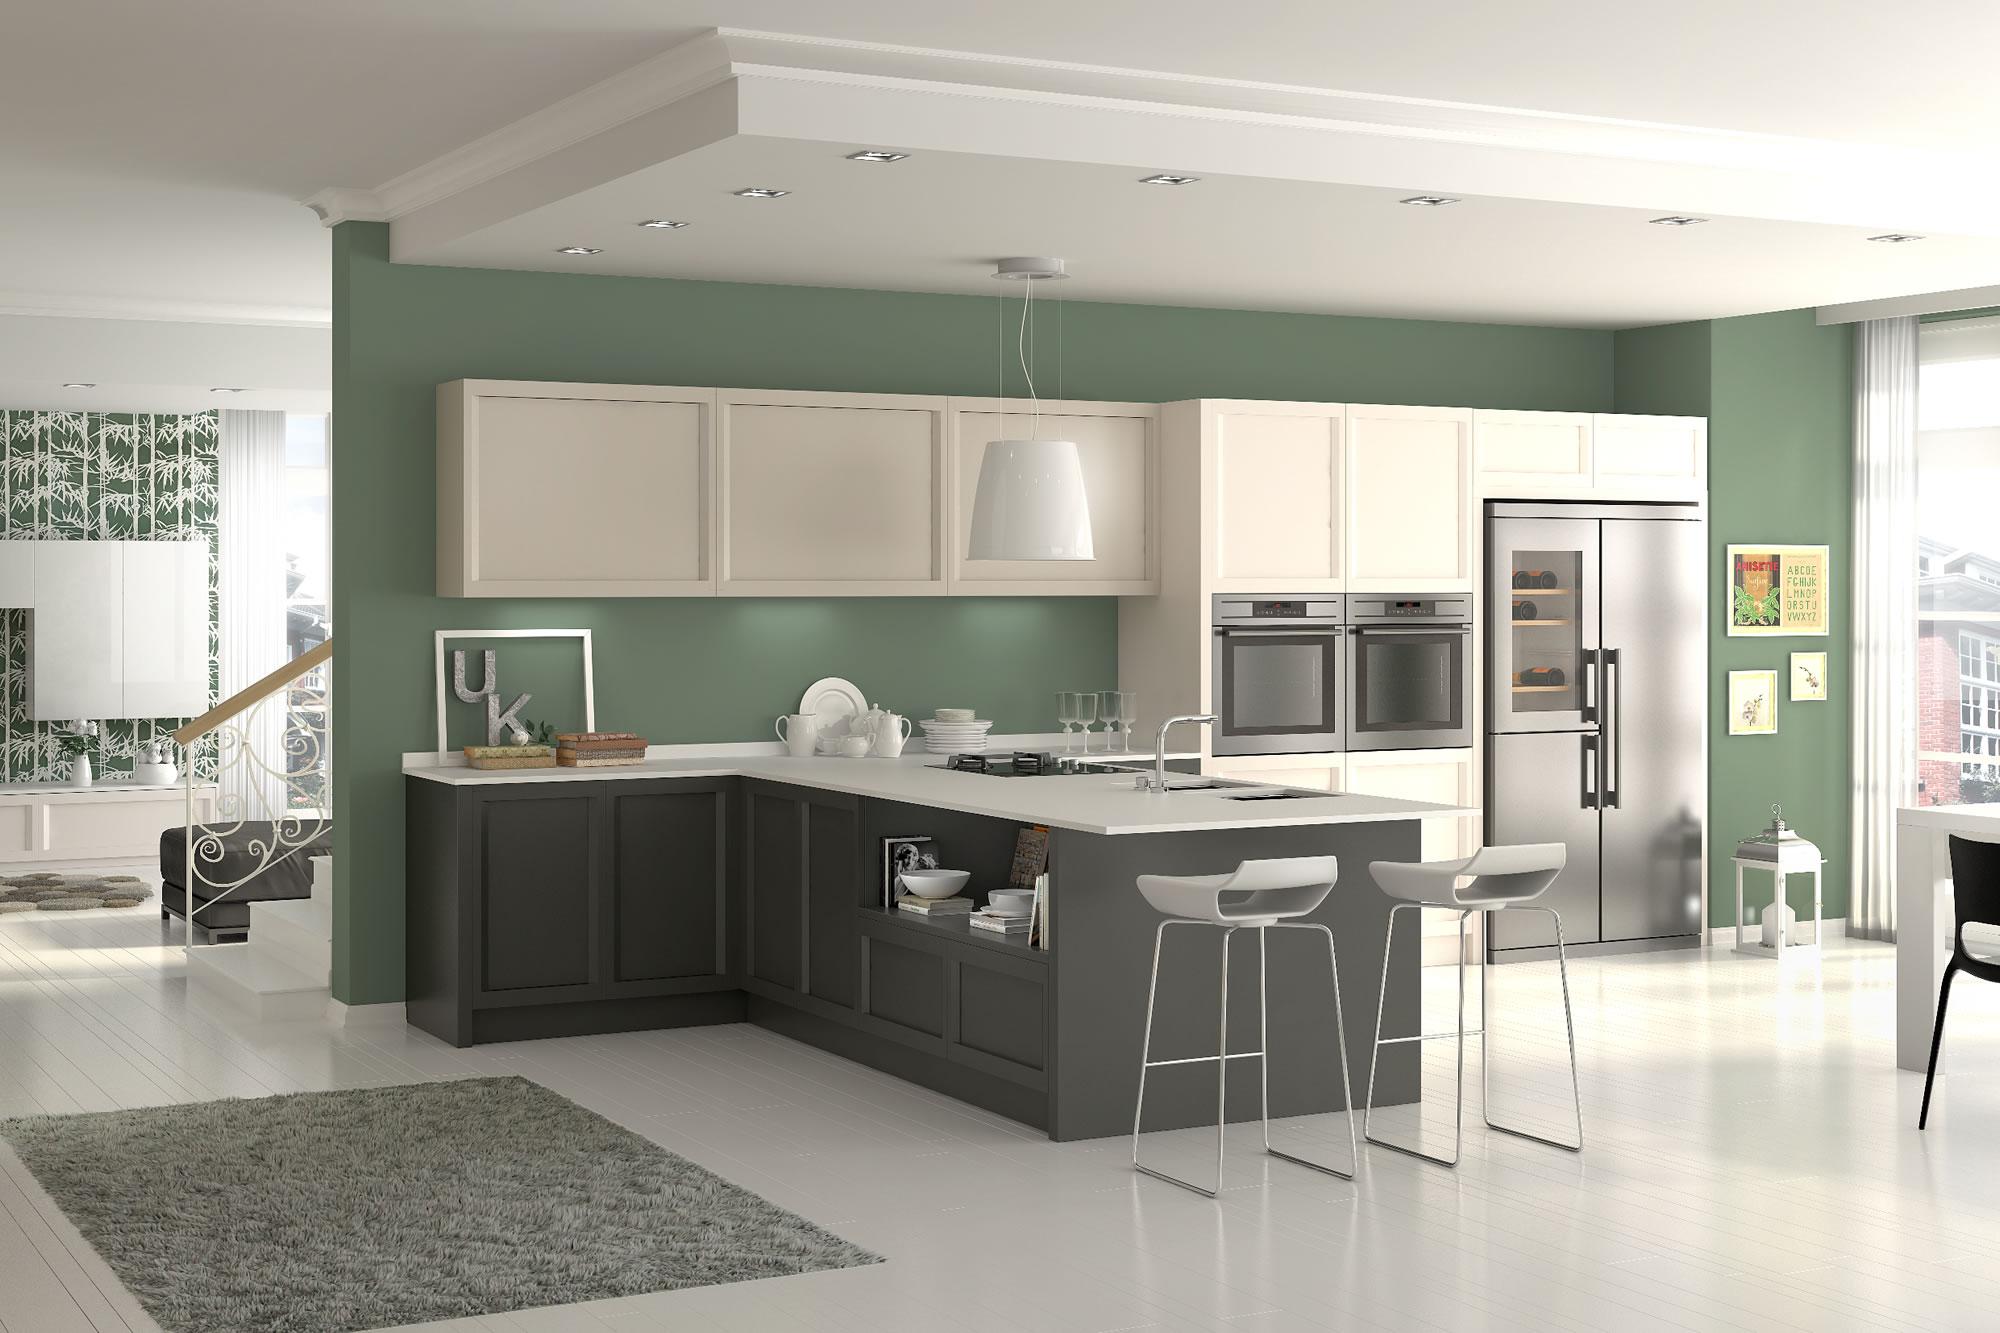 Cucine componibili design moderne eleganti ecologiche for Immagini design